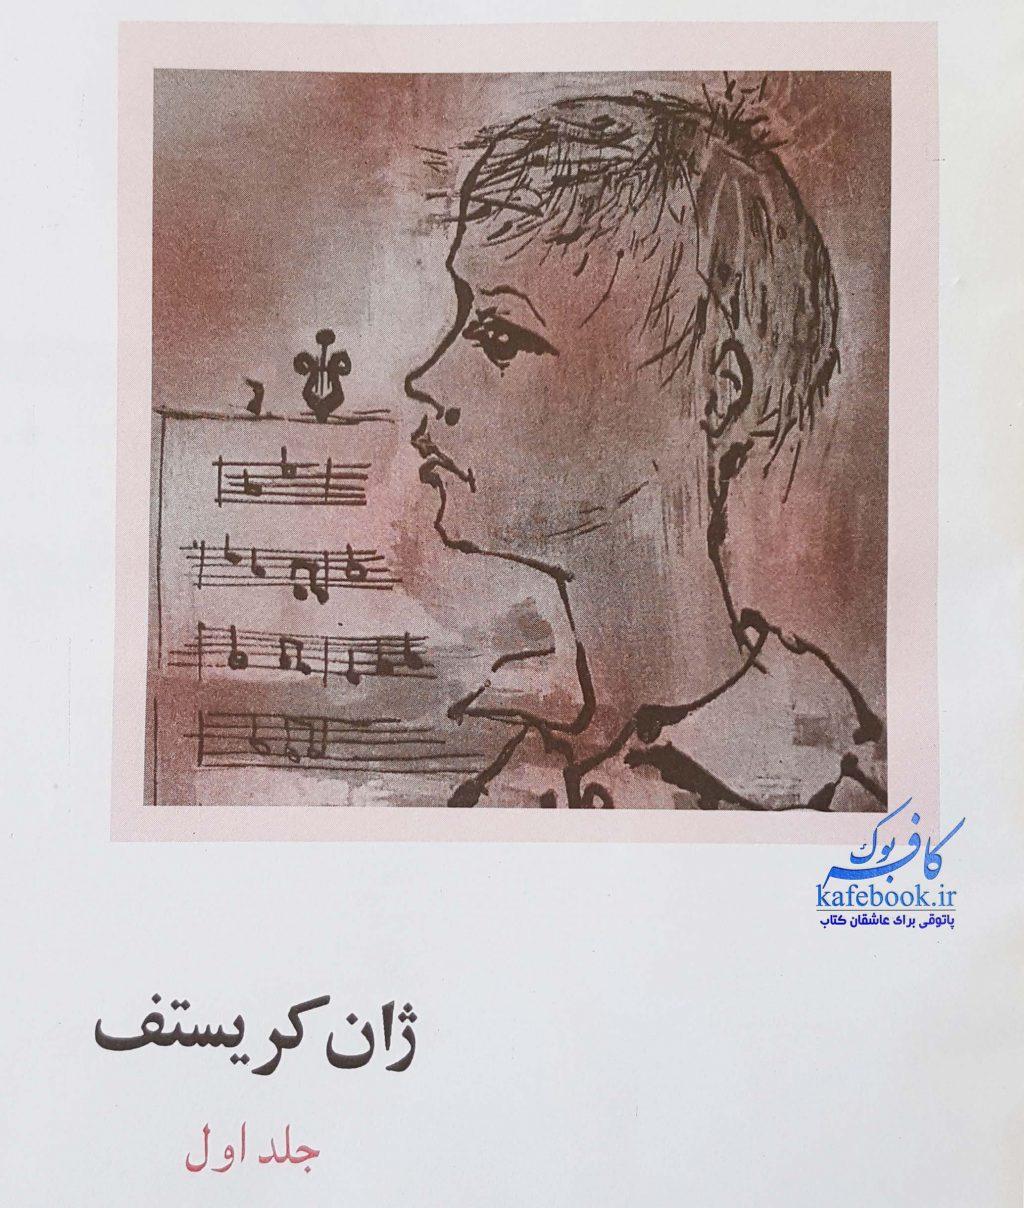 خلاصه ژان کریستف - نقد و بررسی - ژان کریستف اثر رومن رولان